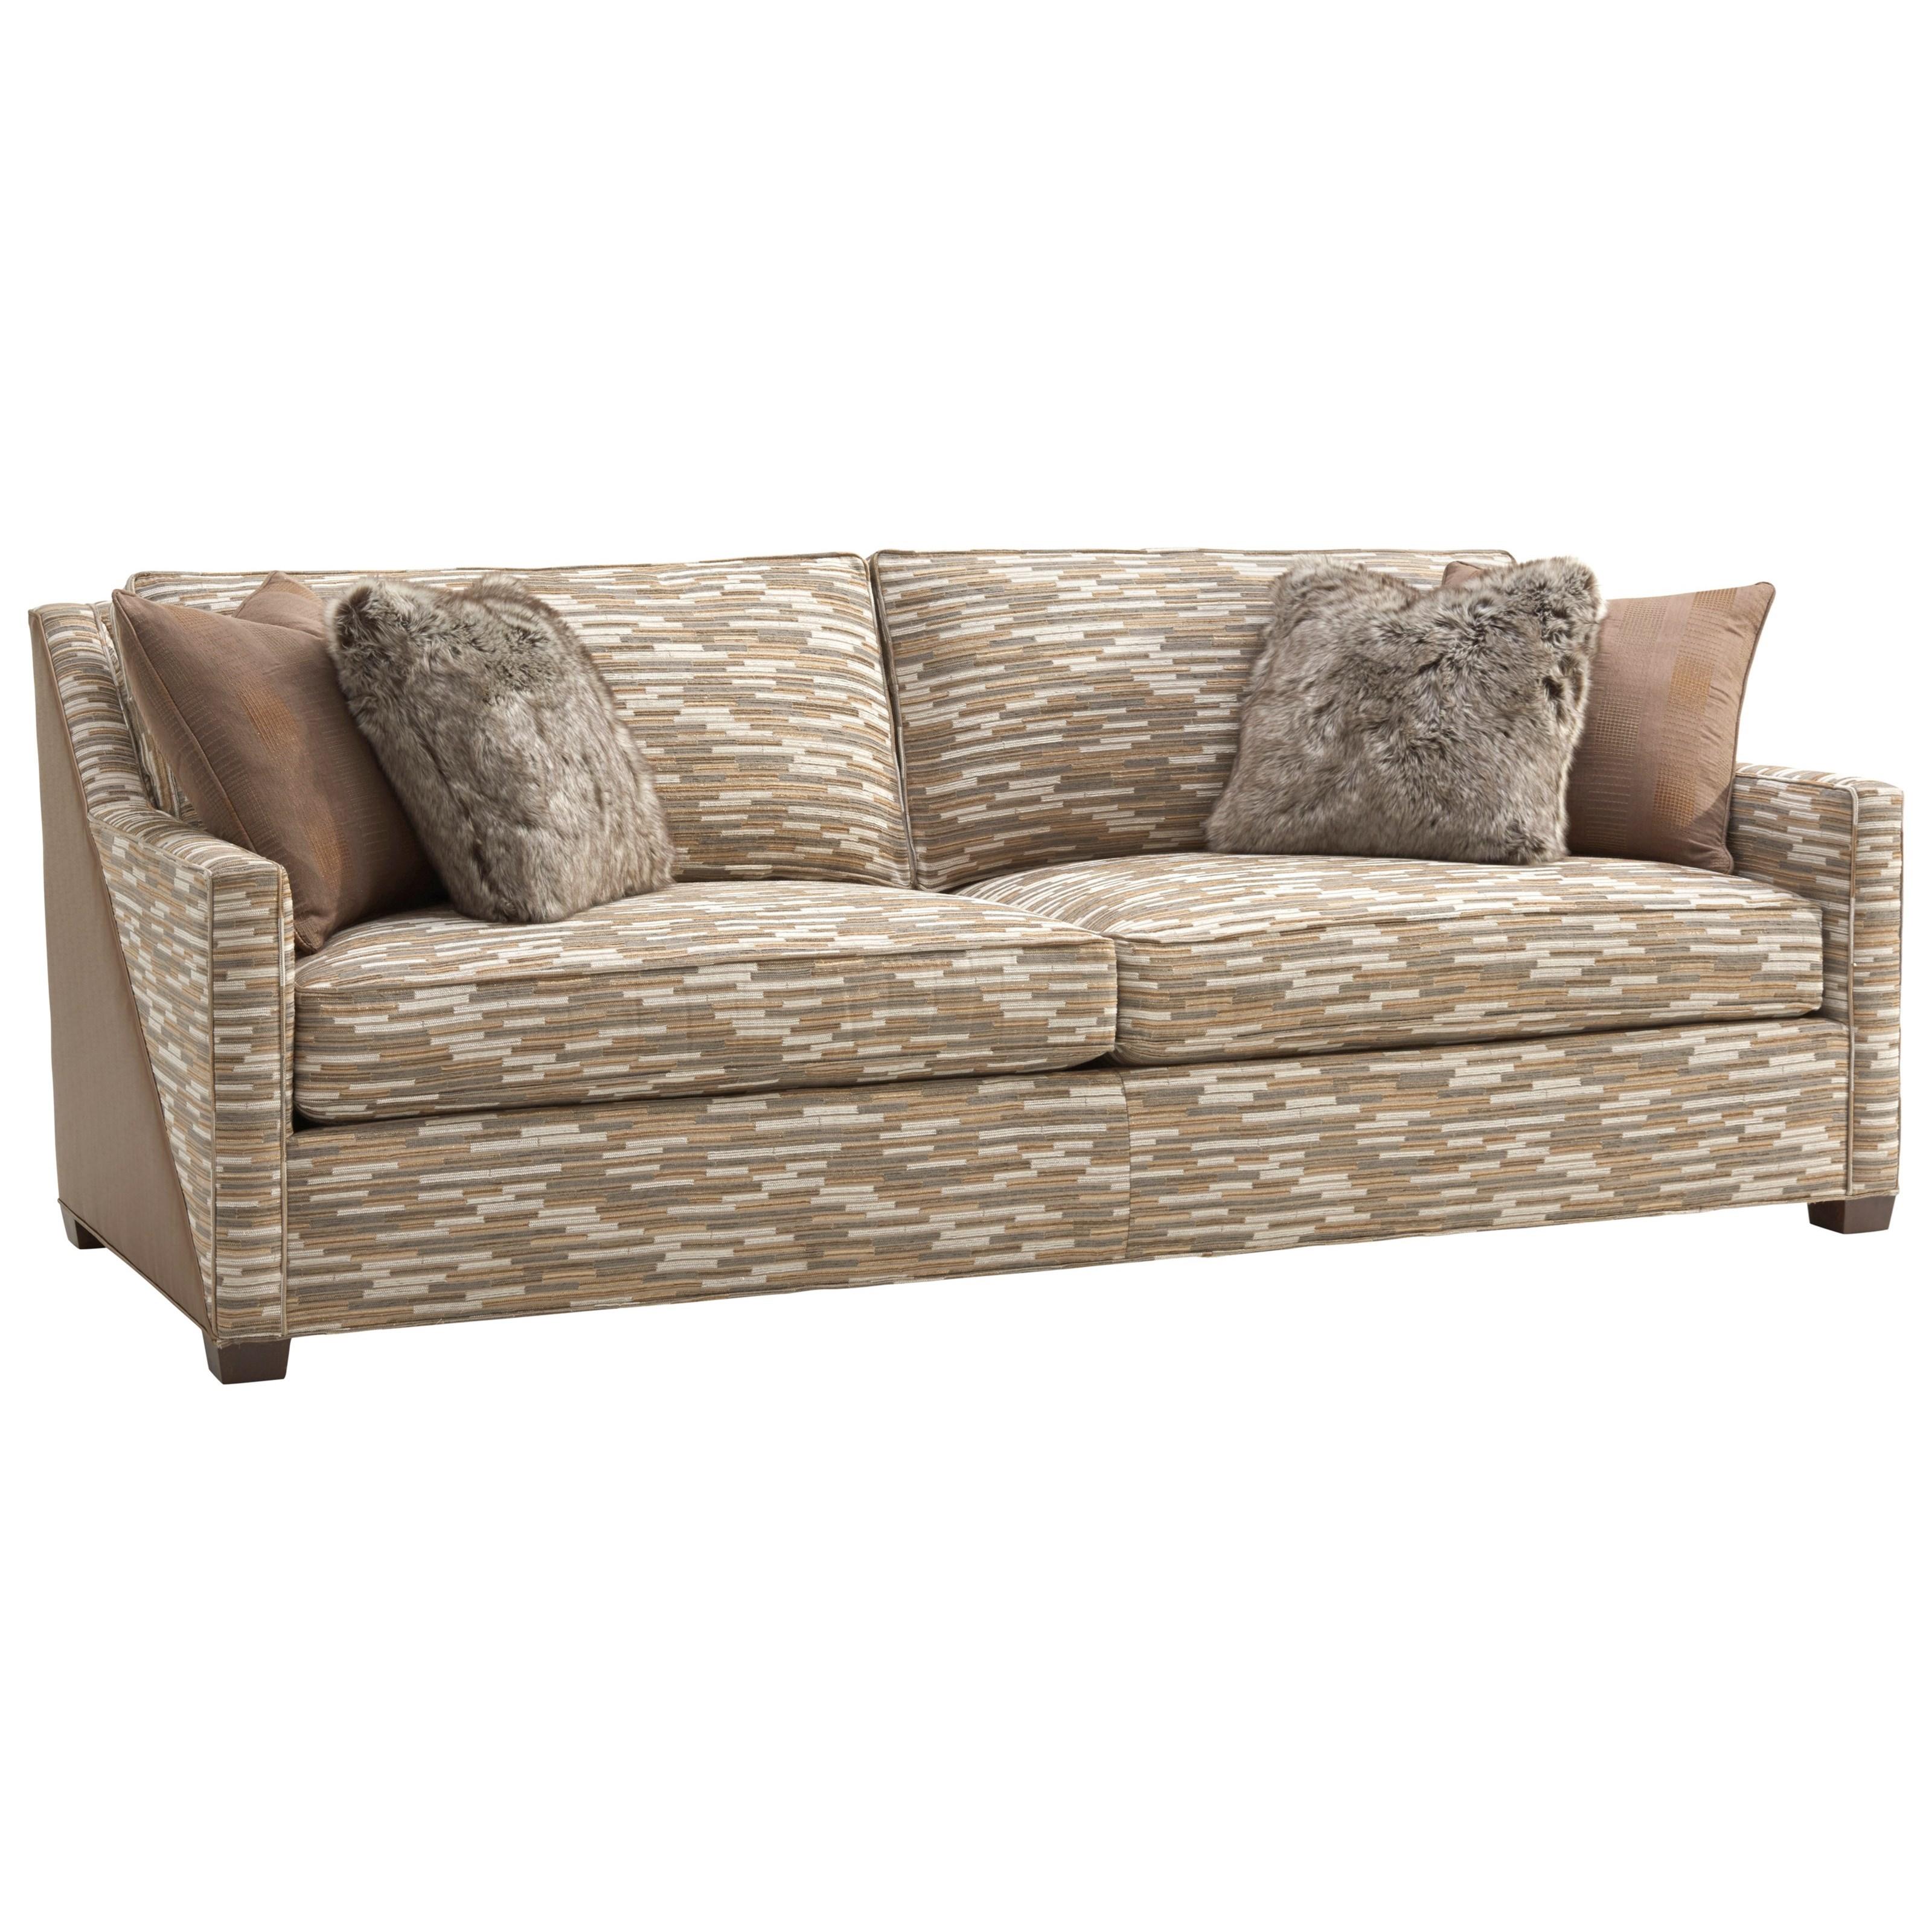 Zavala Wright Sofa by Lexington at Stuckey Furniture